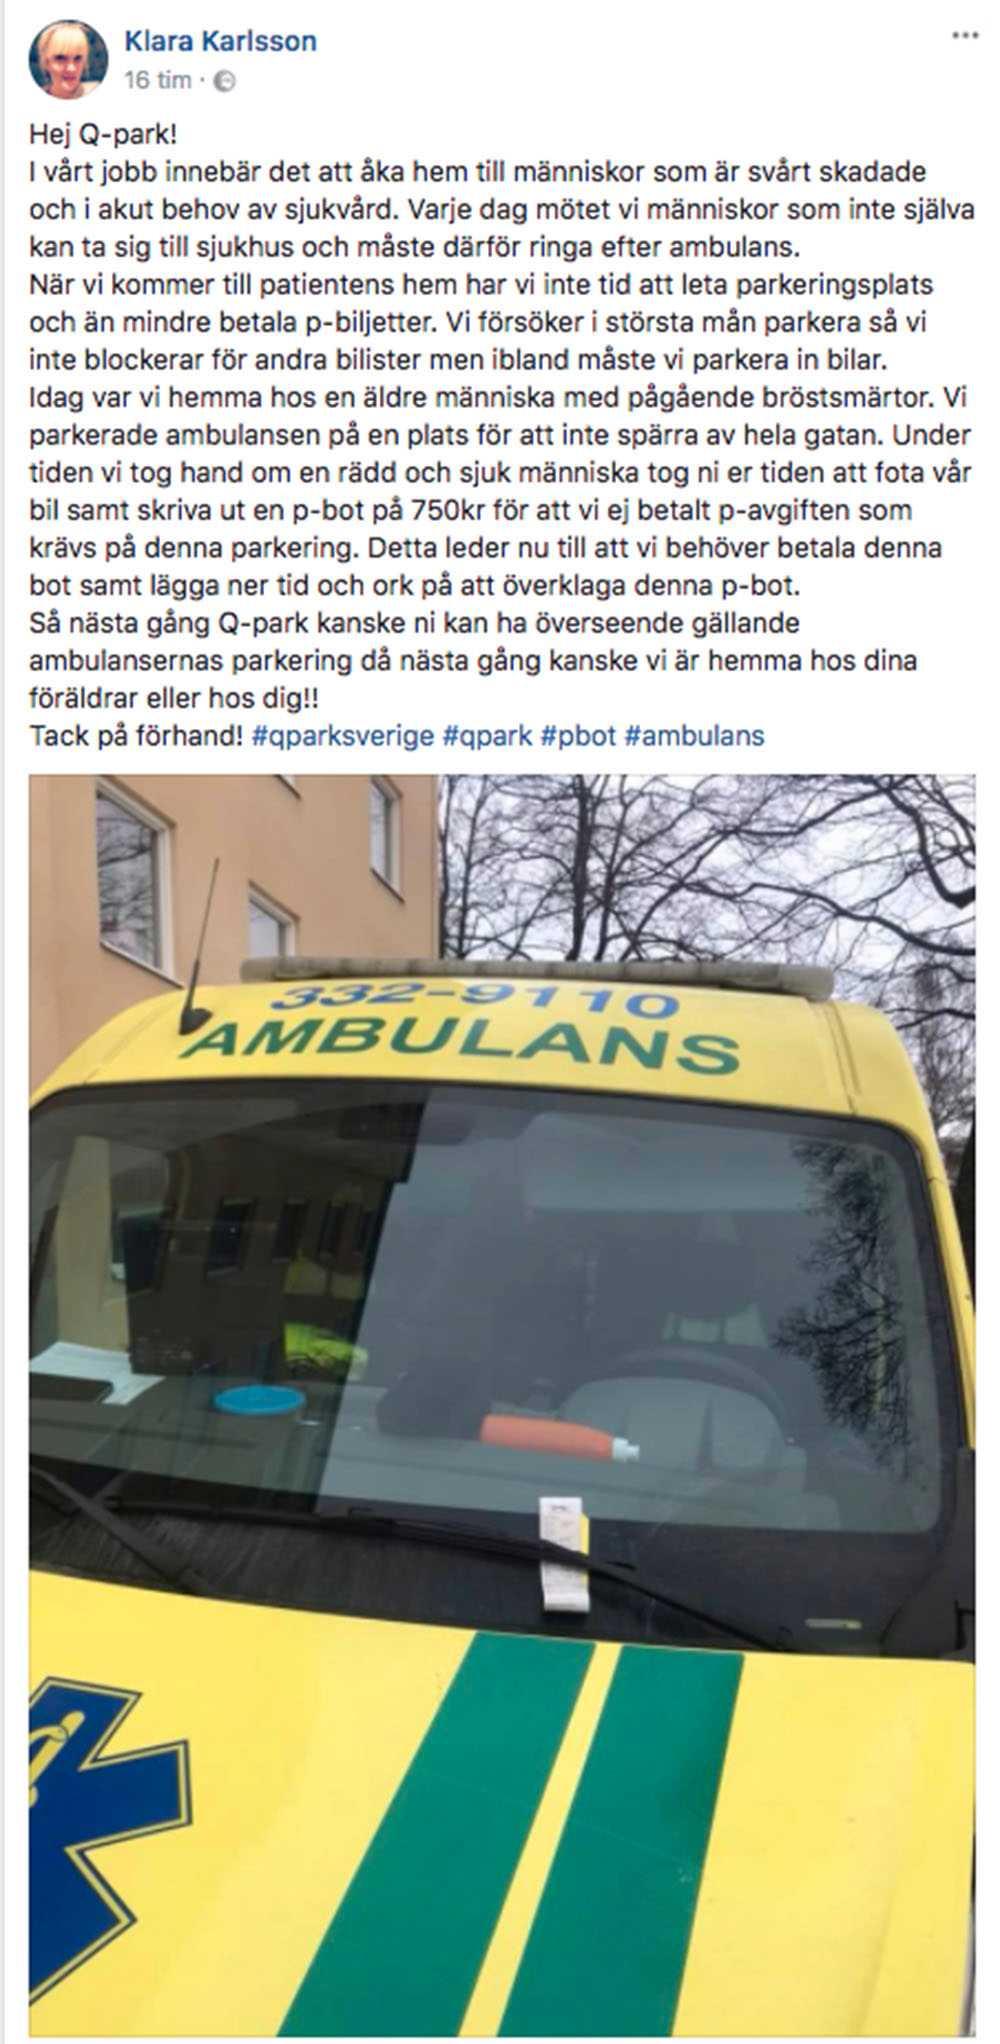 faksimil från Klaras Facebookinlägg.